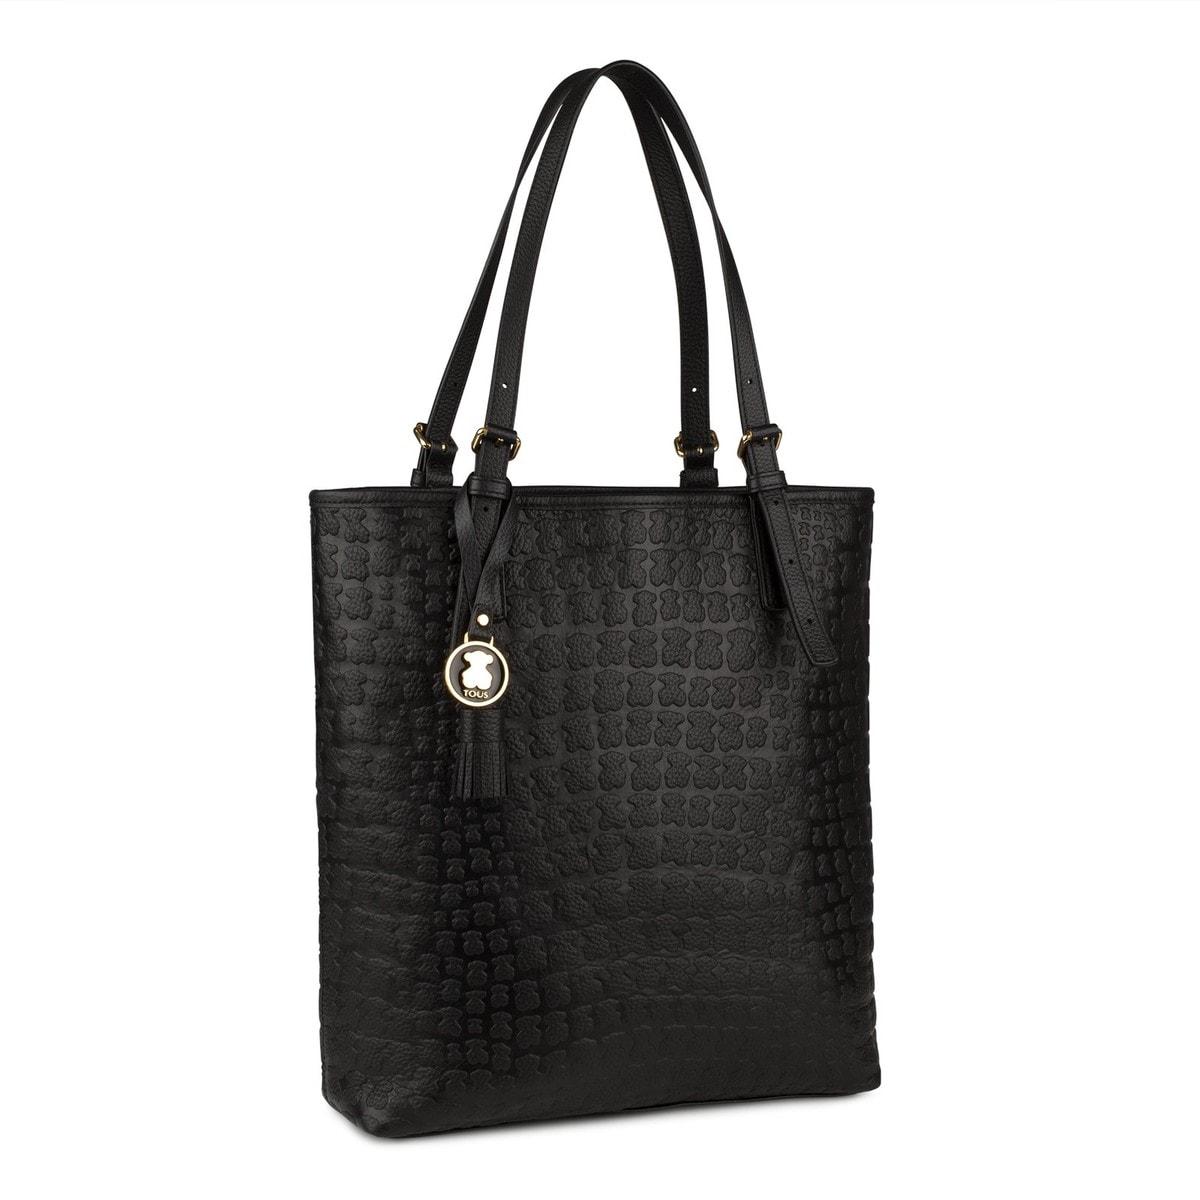 De Color Negro En Sitio España Shopping Web Sherton Tous Piel 2IHED9